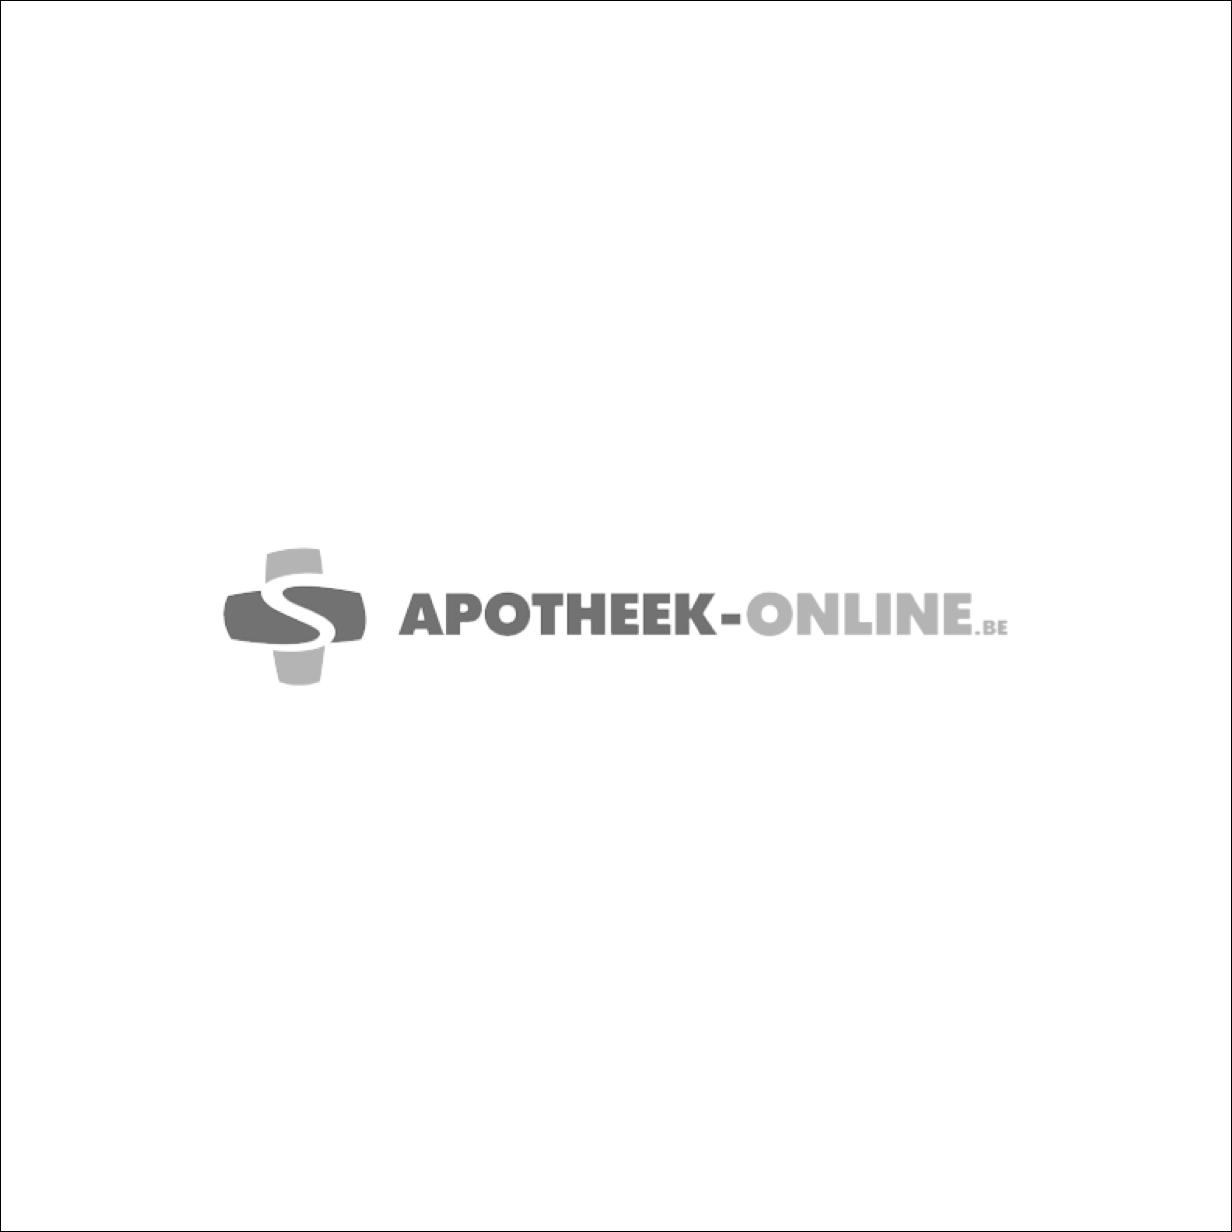 Bota Handpolsband + Duim 105 Skin N1 1 Stuk